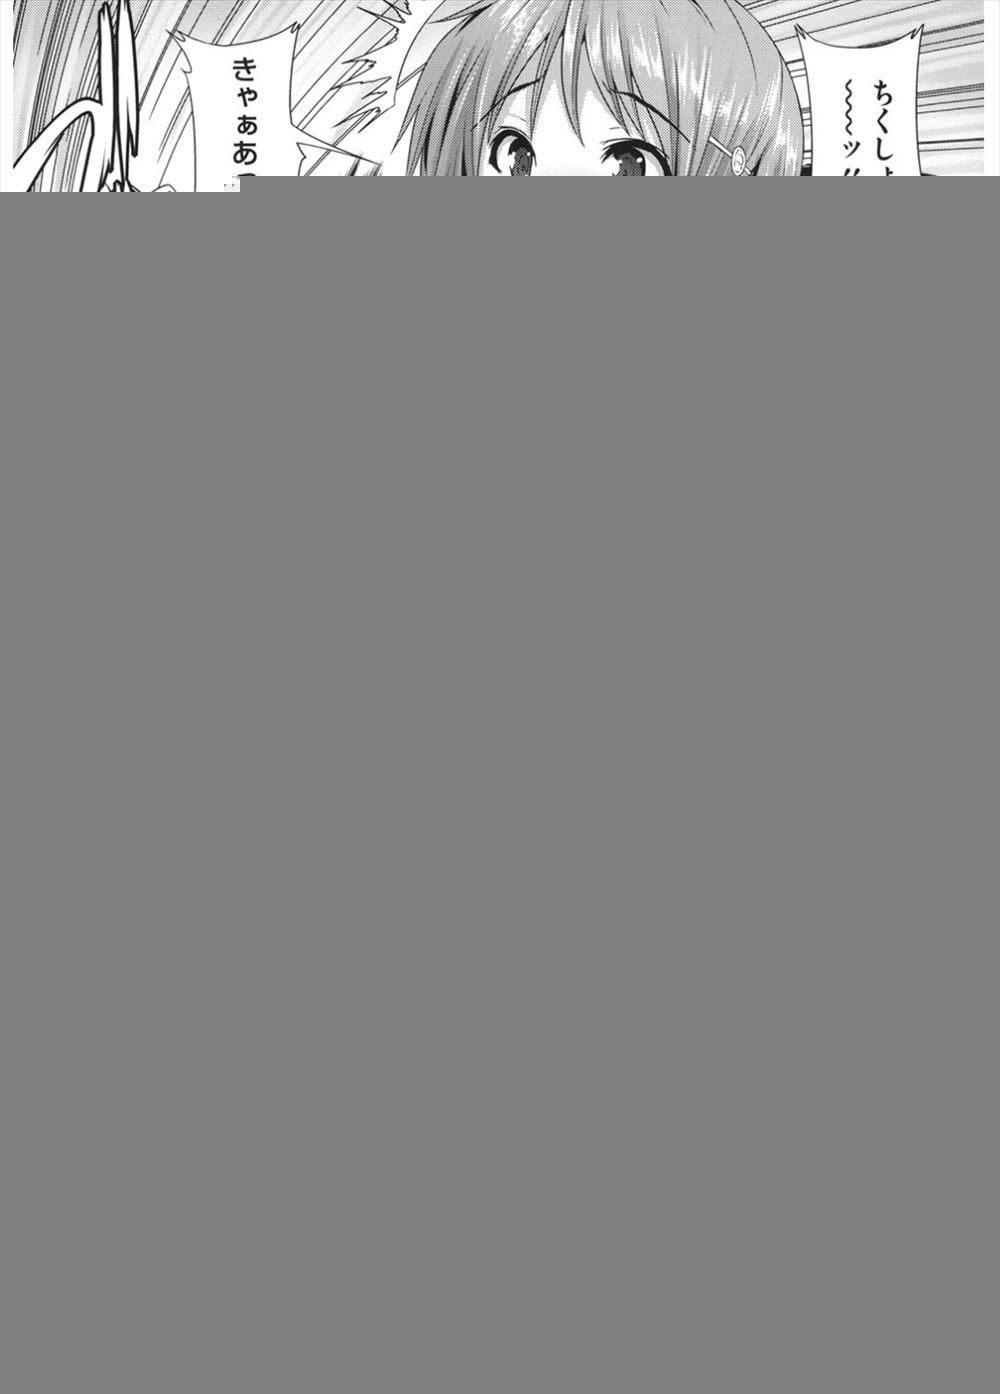 【エロ漫画同人誌】姉の爆乳に耐えられなくなった弟が姉の処女奪って近親相姦SEXしちゃうwwwww 009